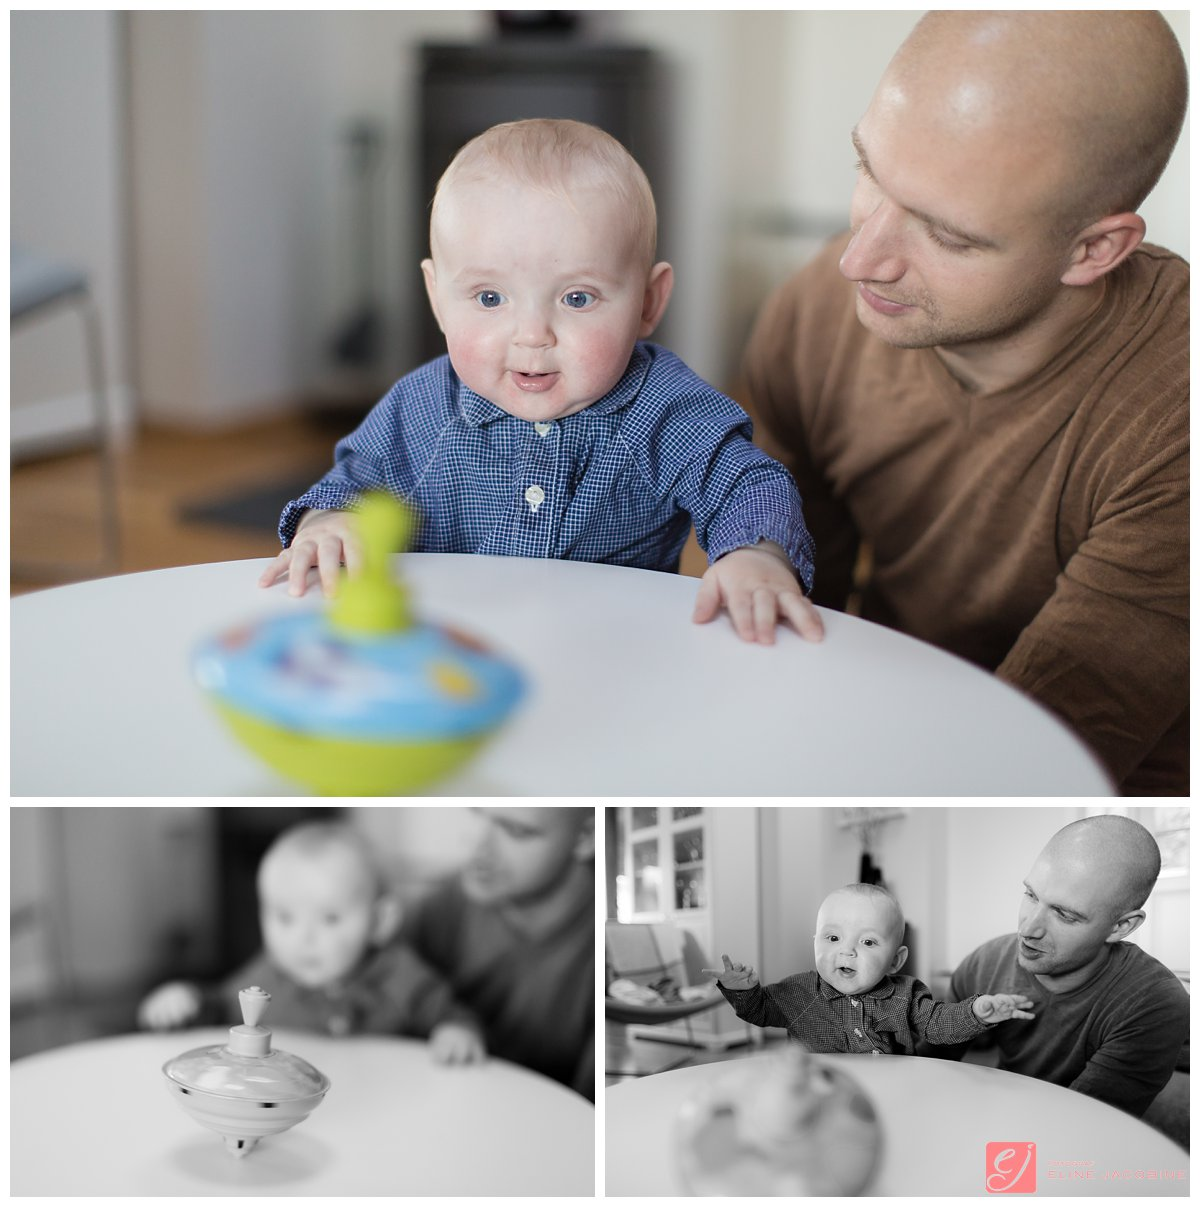 Babyfotografering_livsstilfotografering_Oslo_Fotograf_Eline_Jacobine_0019